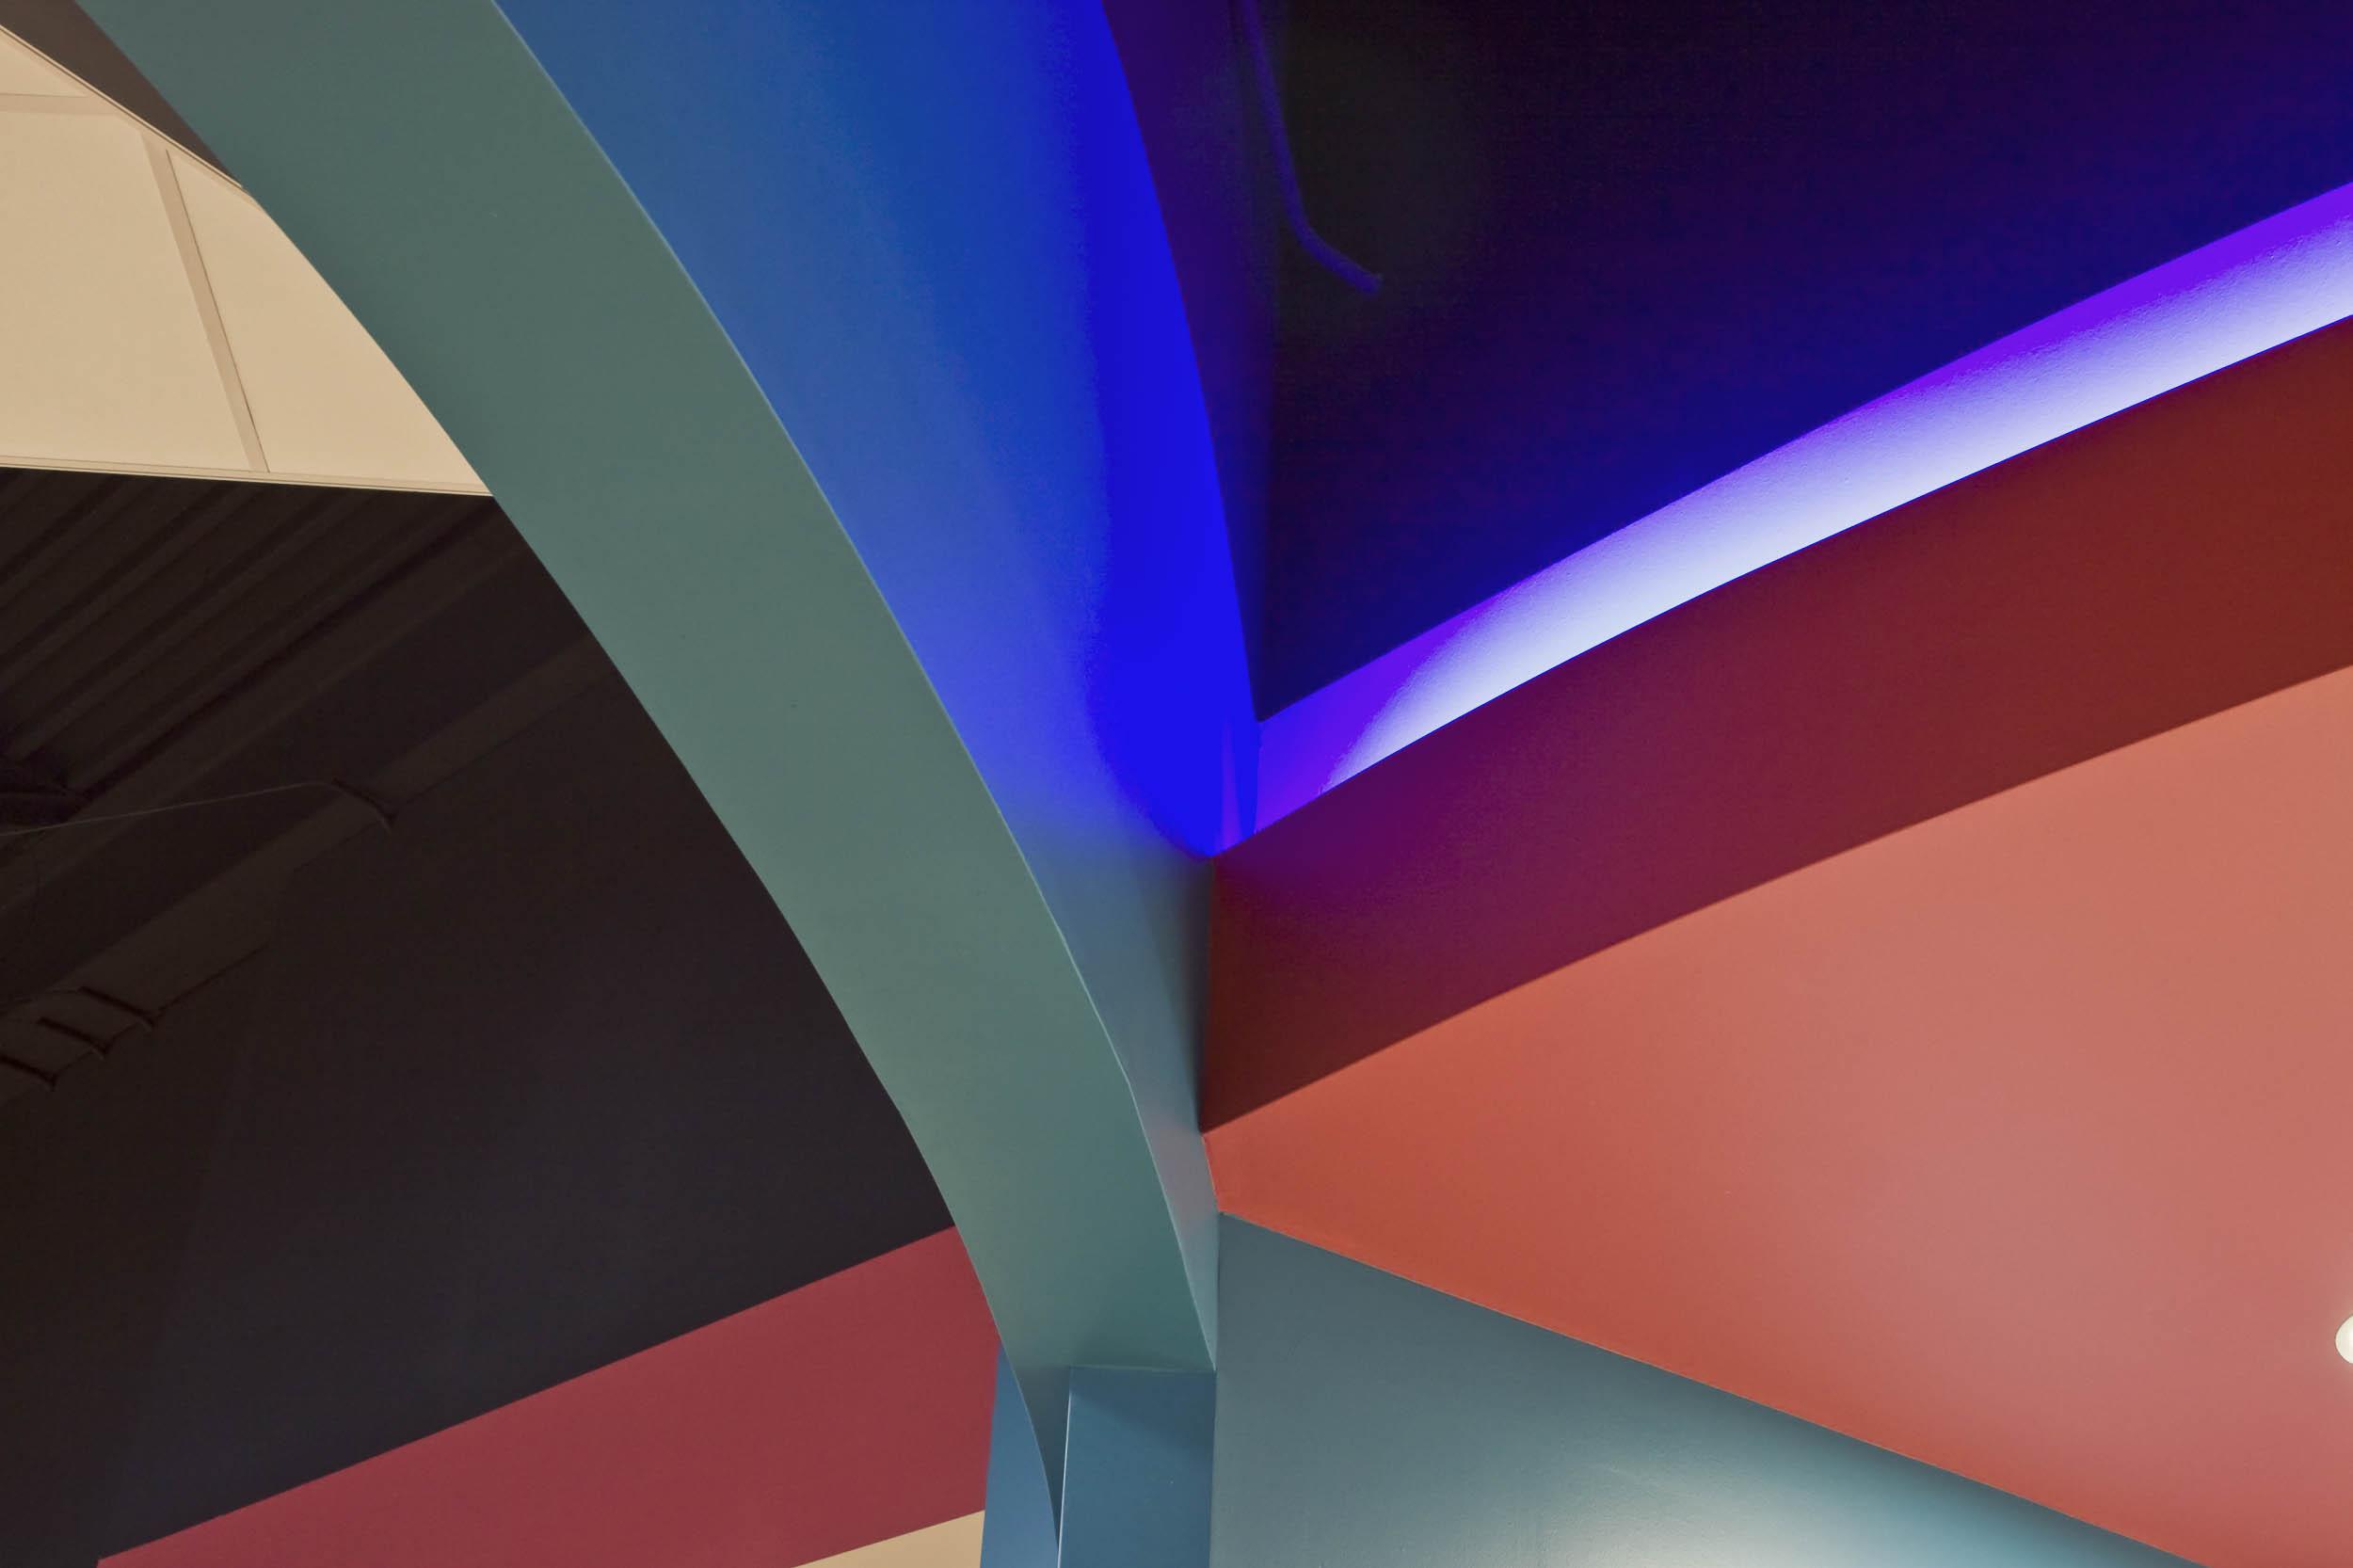 USBC Ceiling